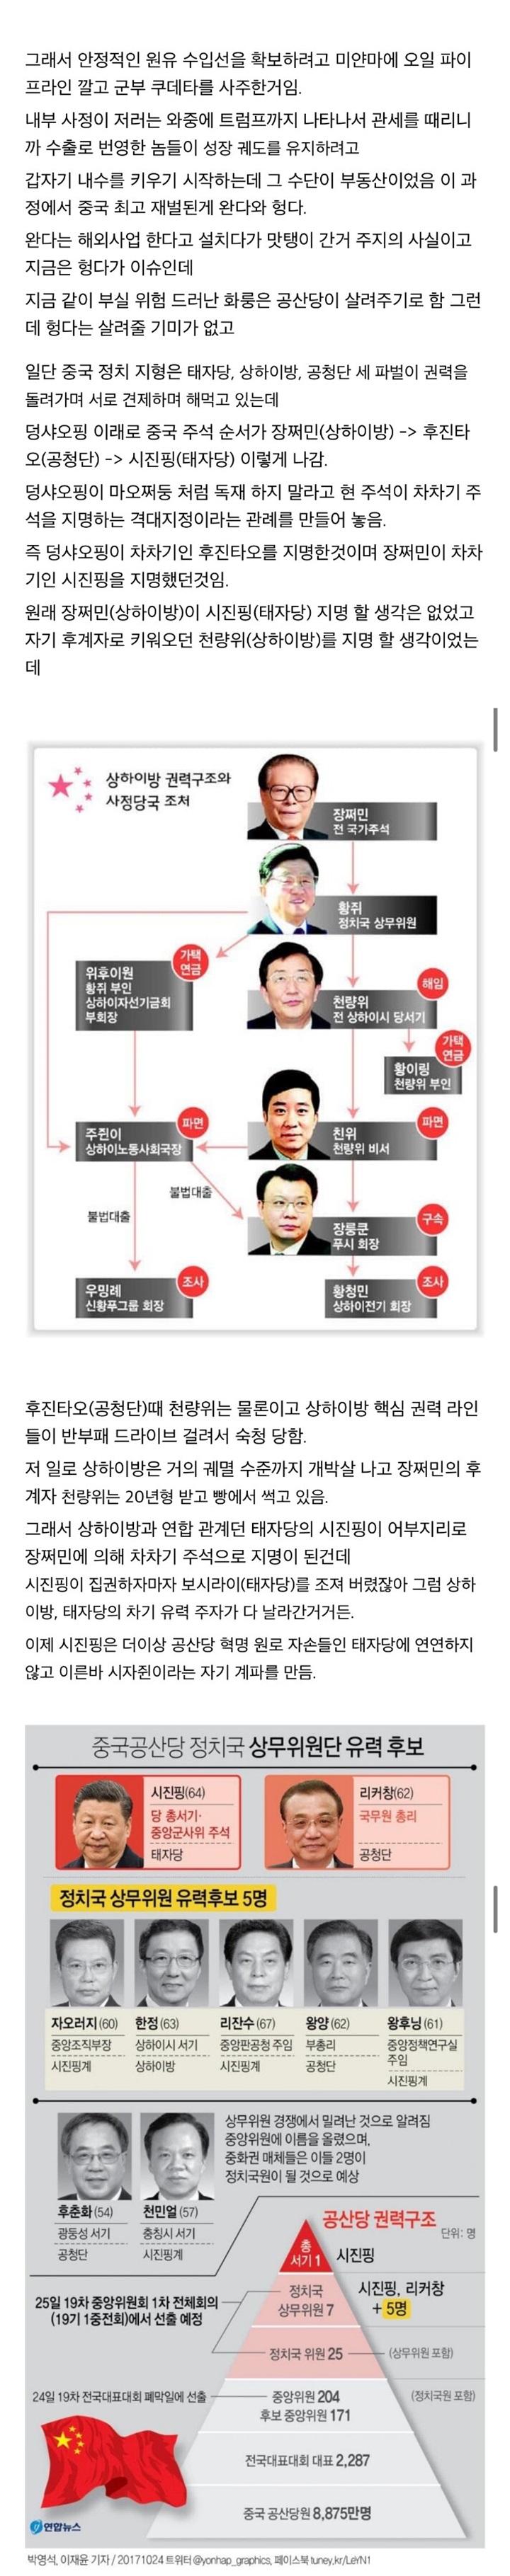 중국 헝다 그룹 사태 2